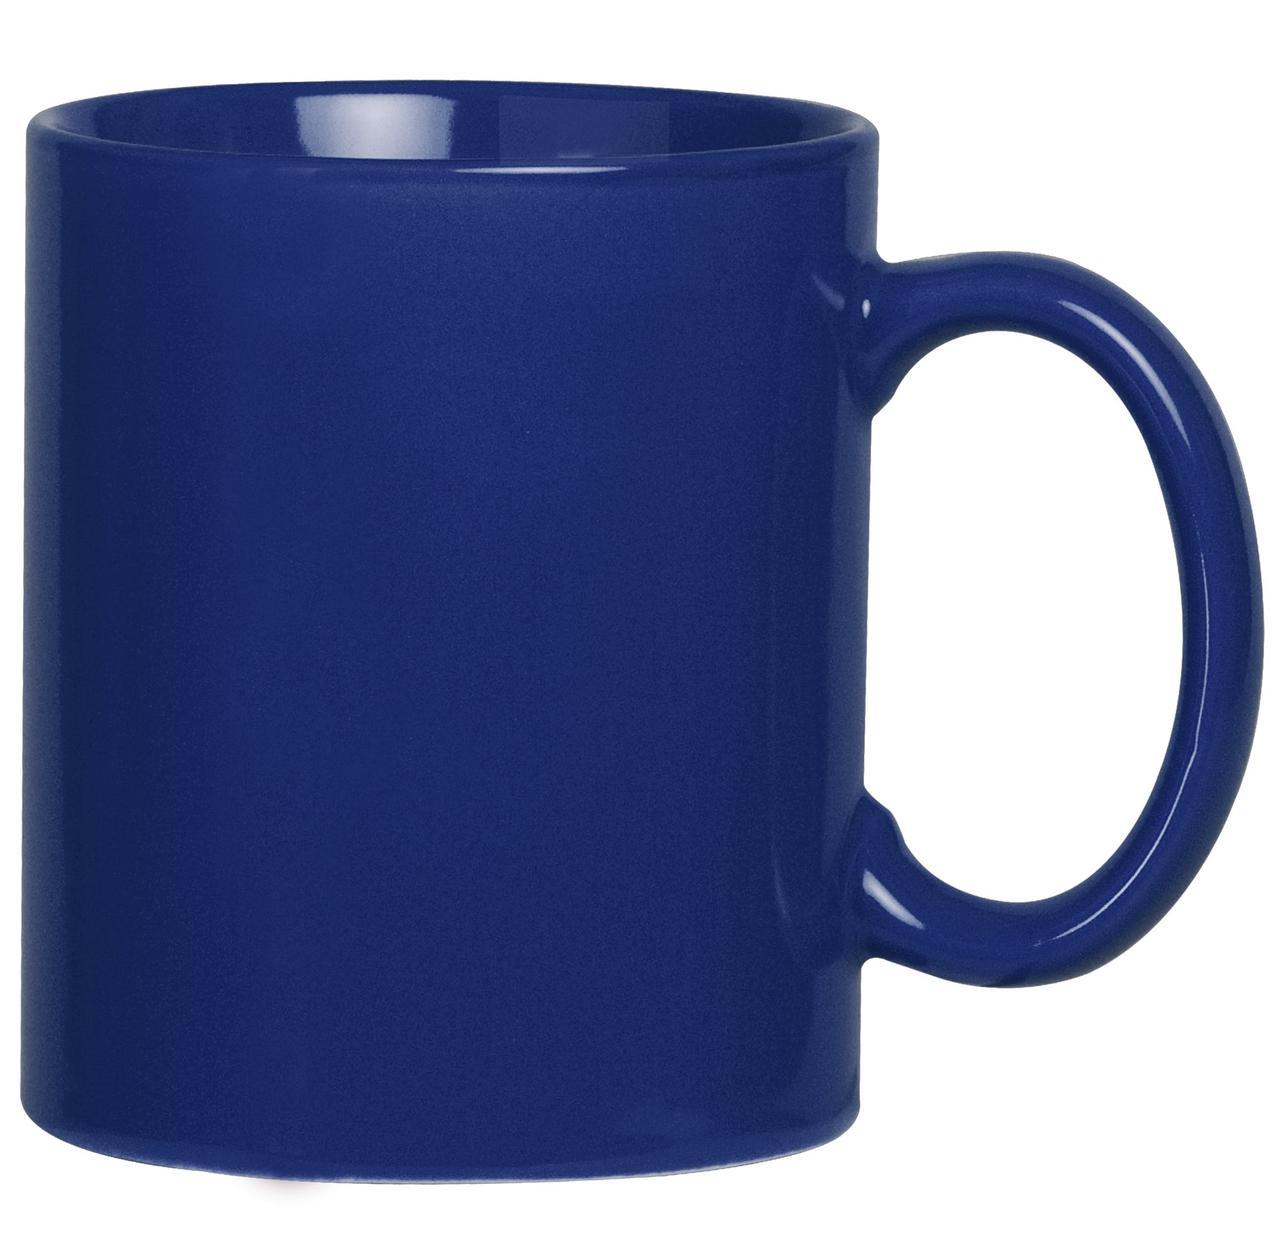 Кружка Promo, синяя (артикул 4534.44)